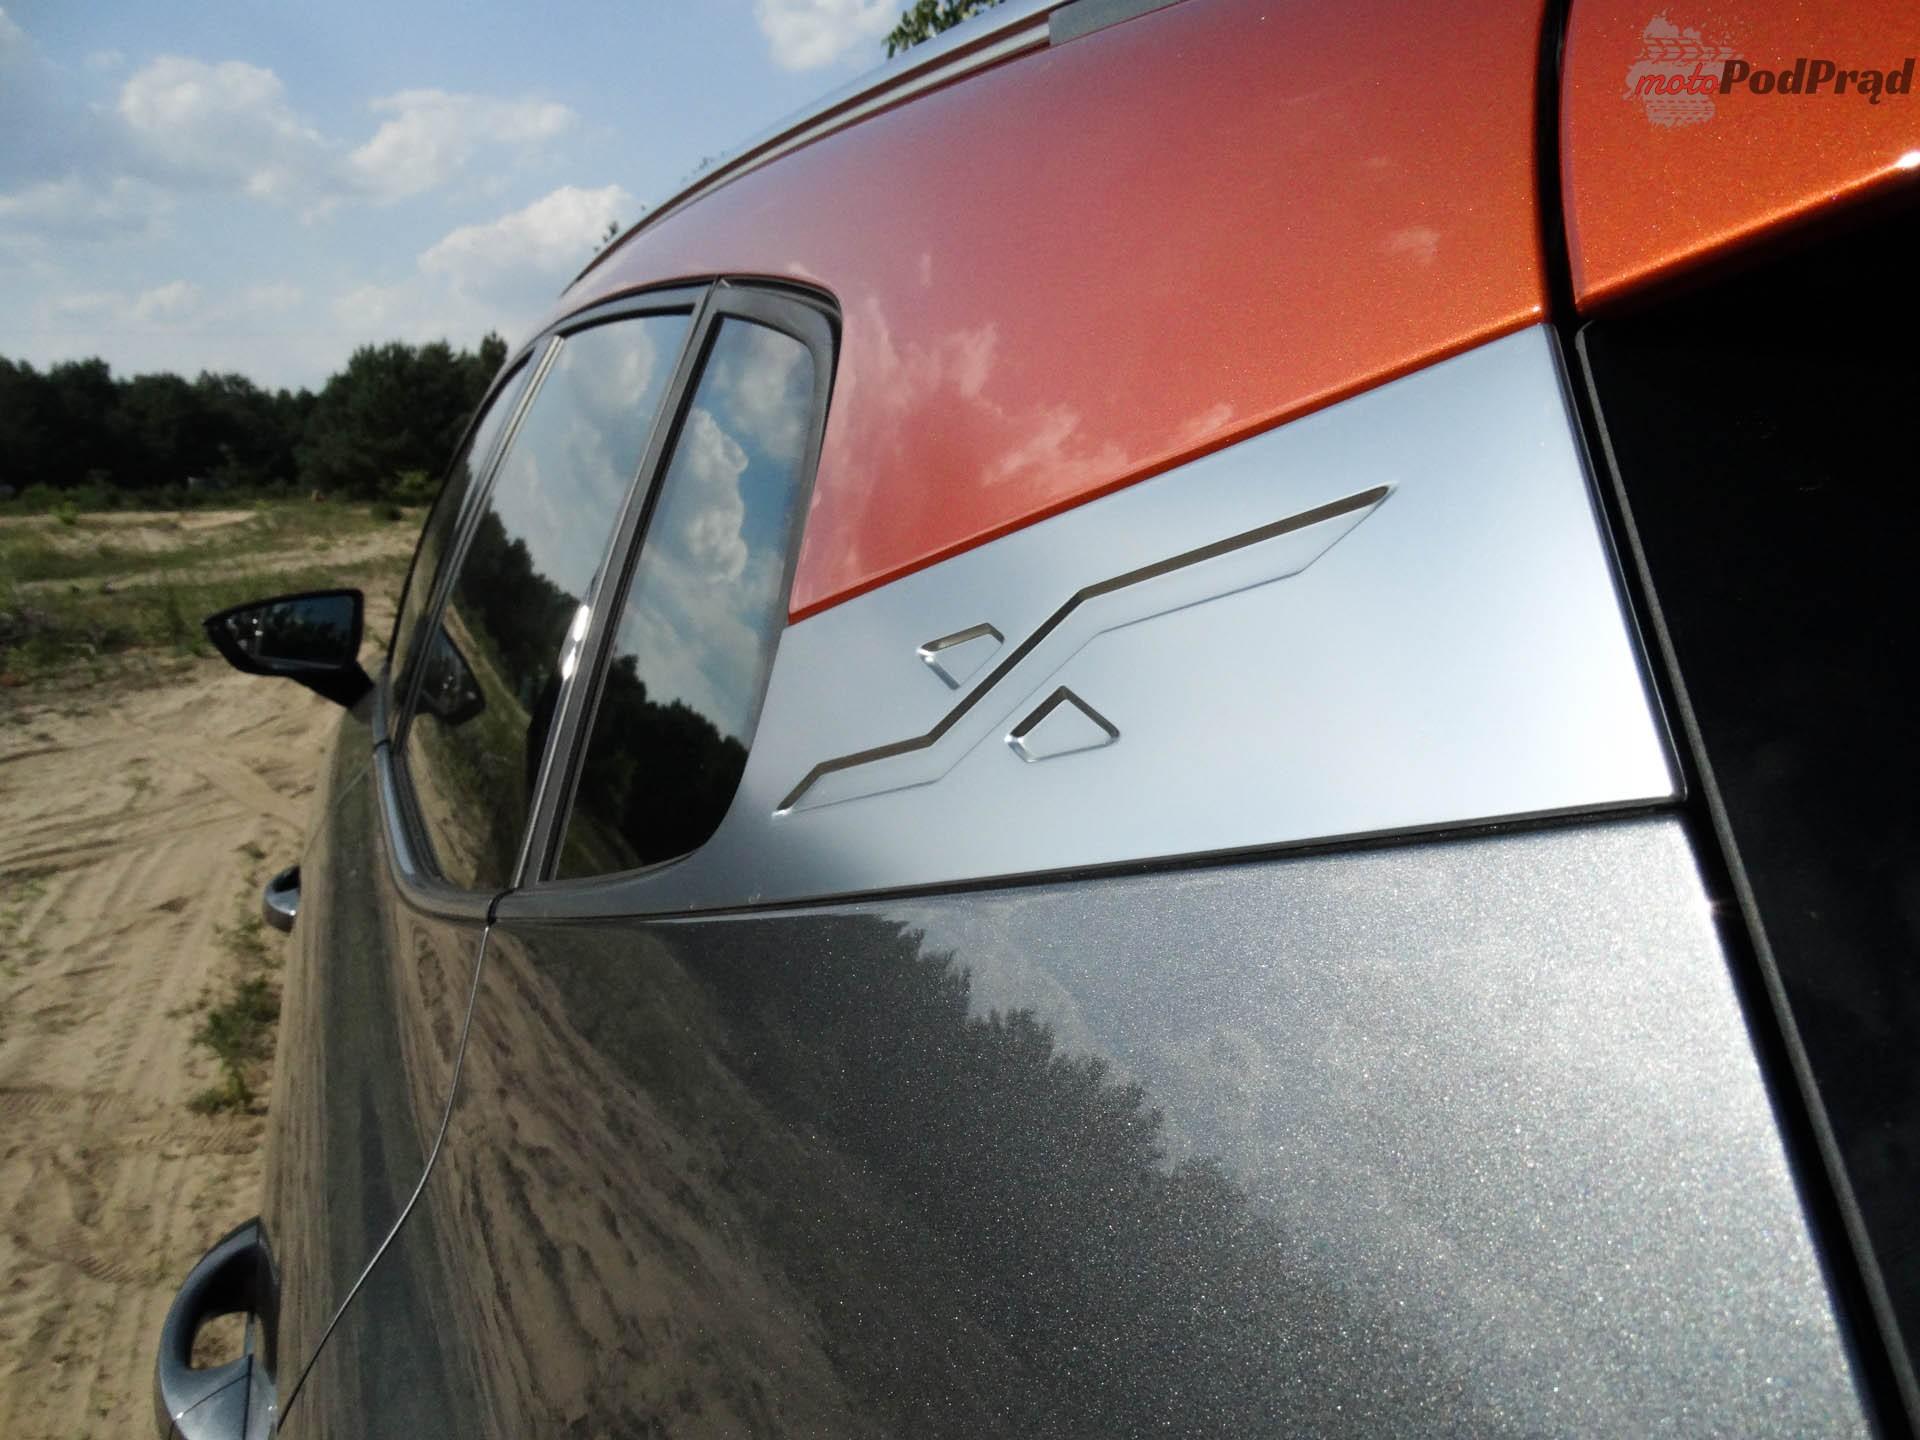 Seat Arona 4 Porównanie: Hyundai Kona 1.0 kontra Seat Arona 1.0